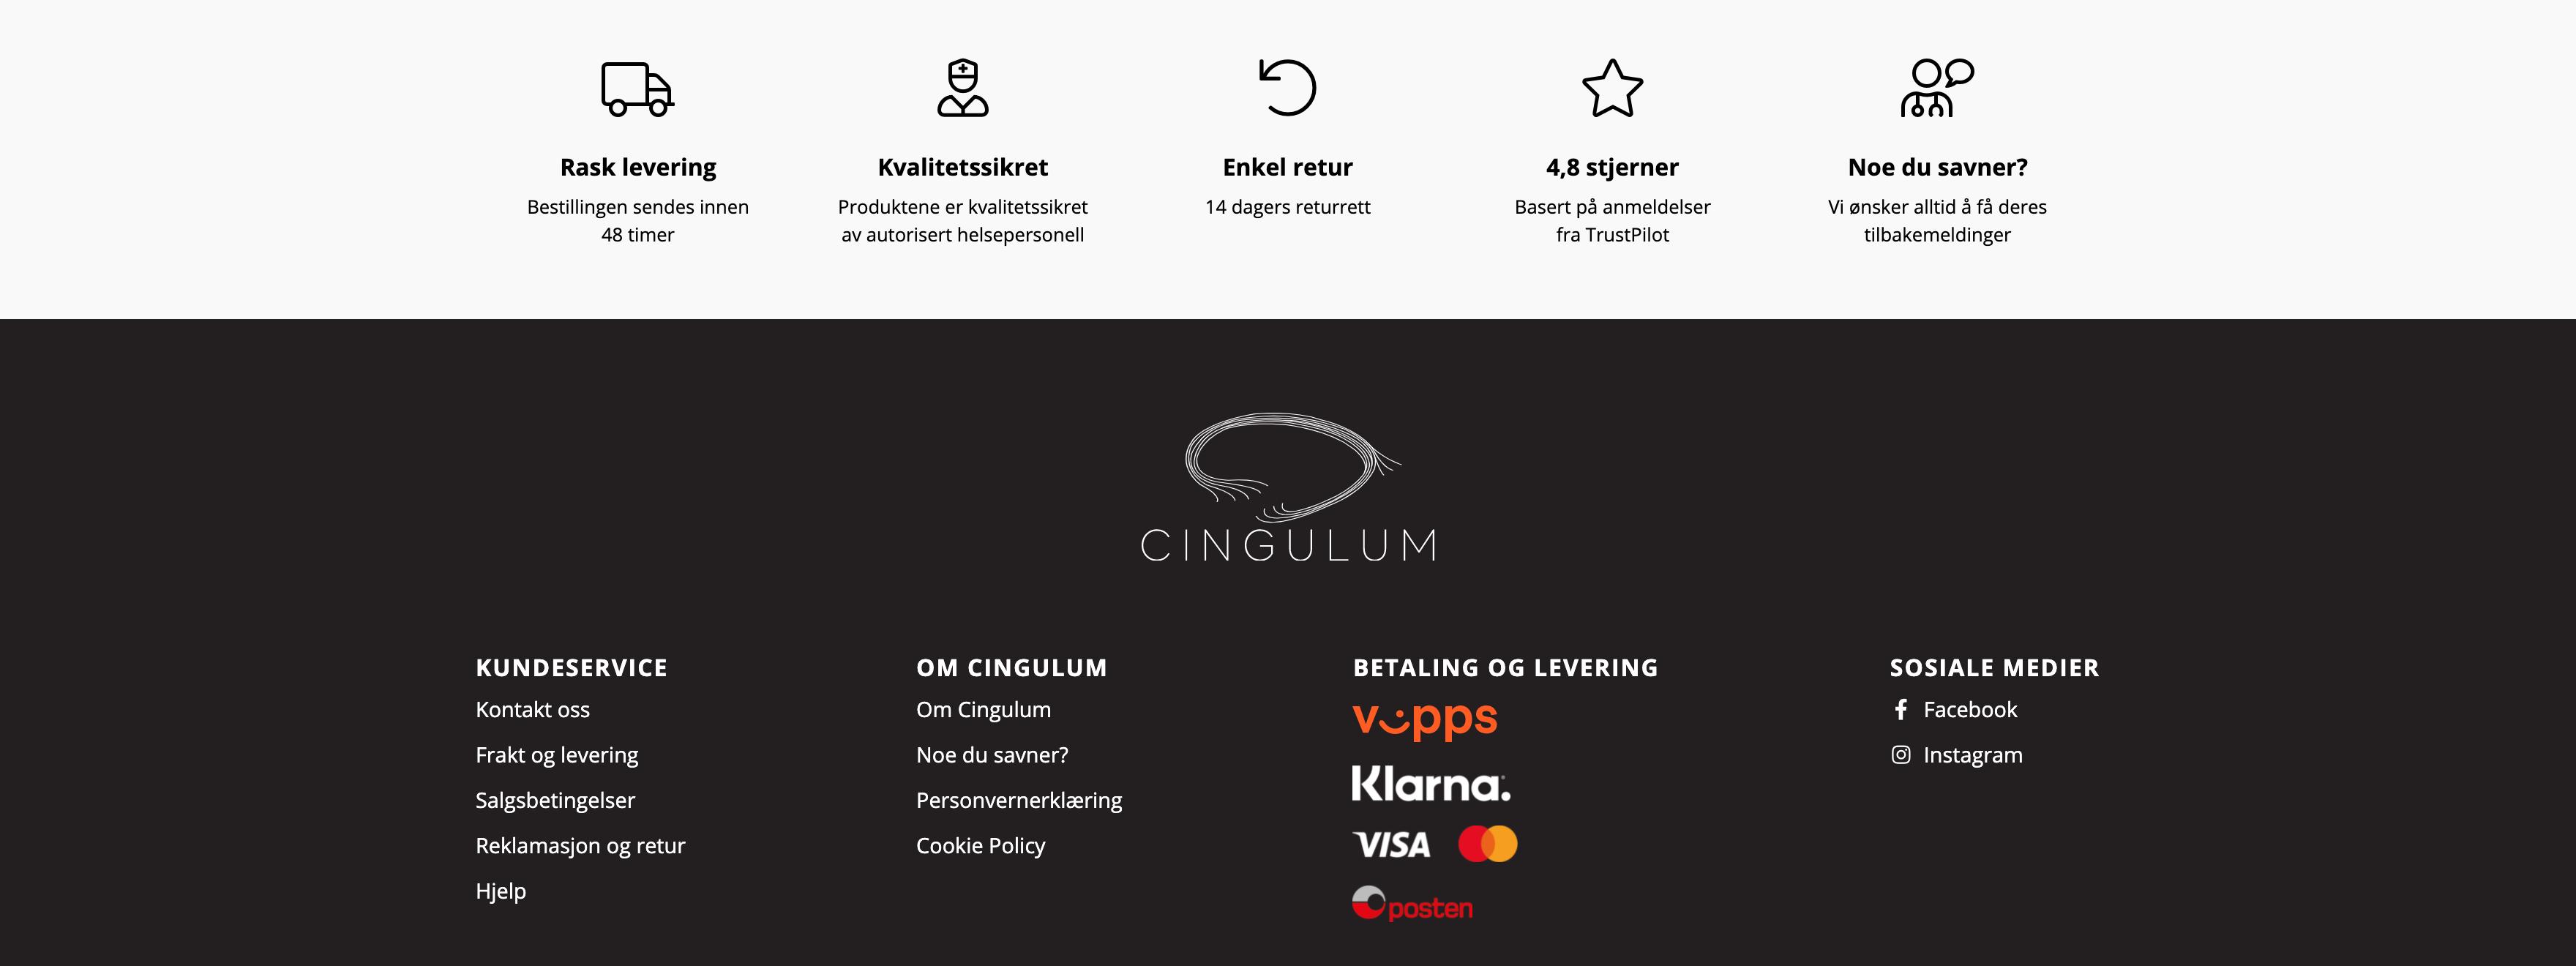 Bilde av footer på nettsiden til Cingulum, laget av Haus byrå